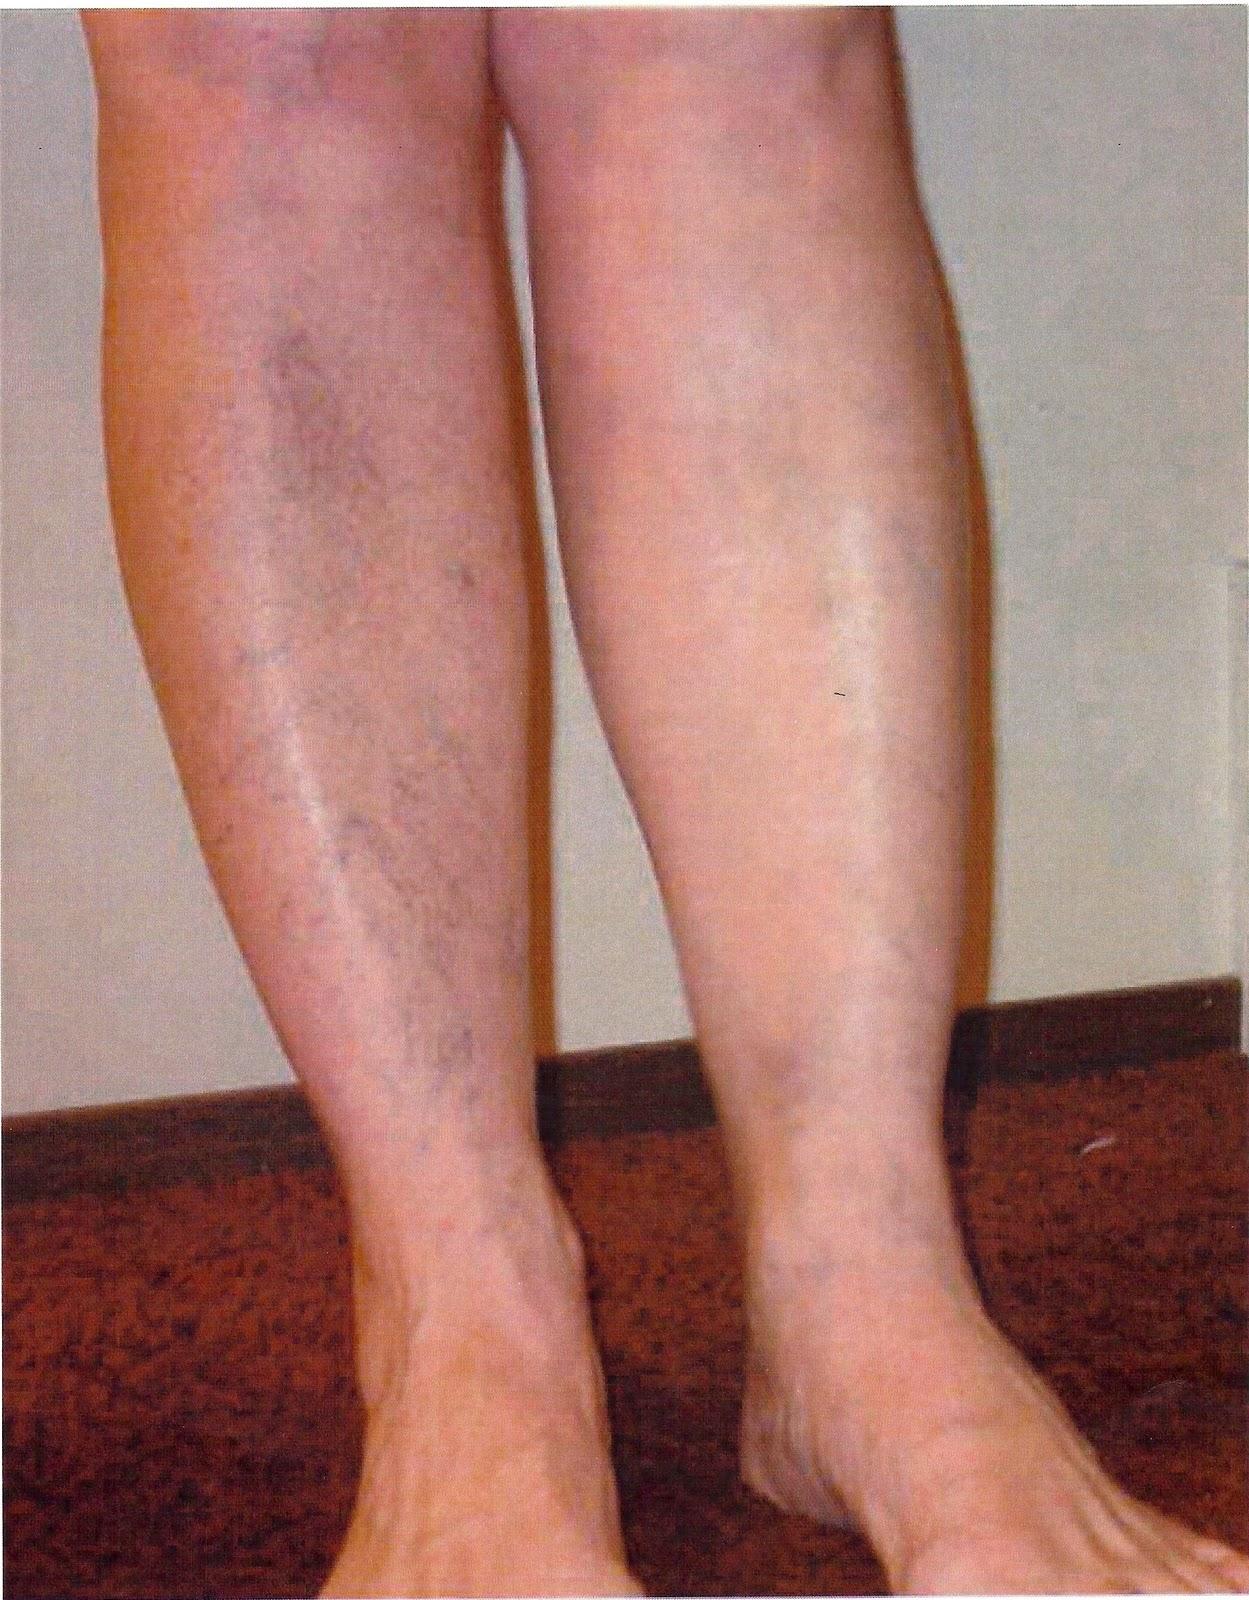 Варикозная сетка на ногах как избавиться в домашних условиях 562